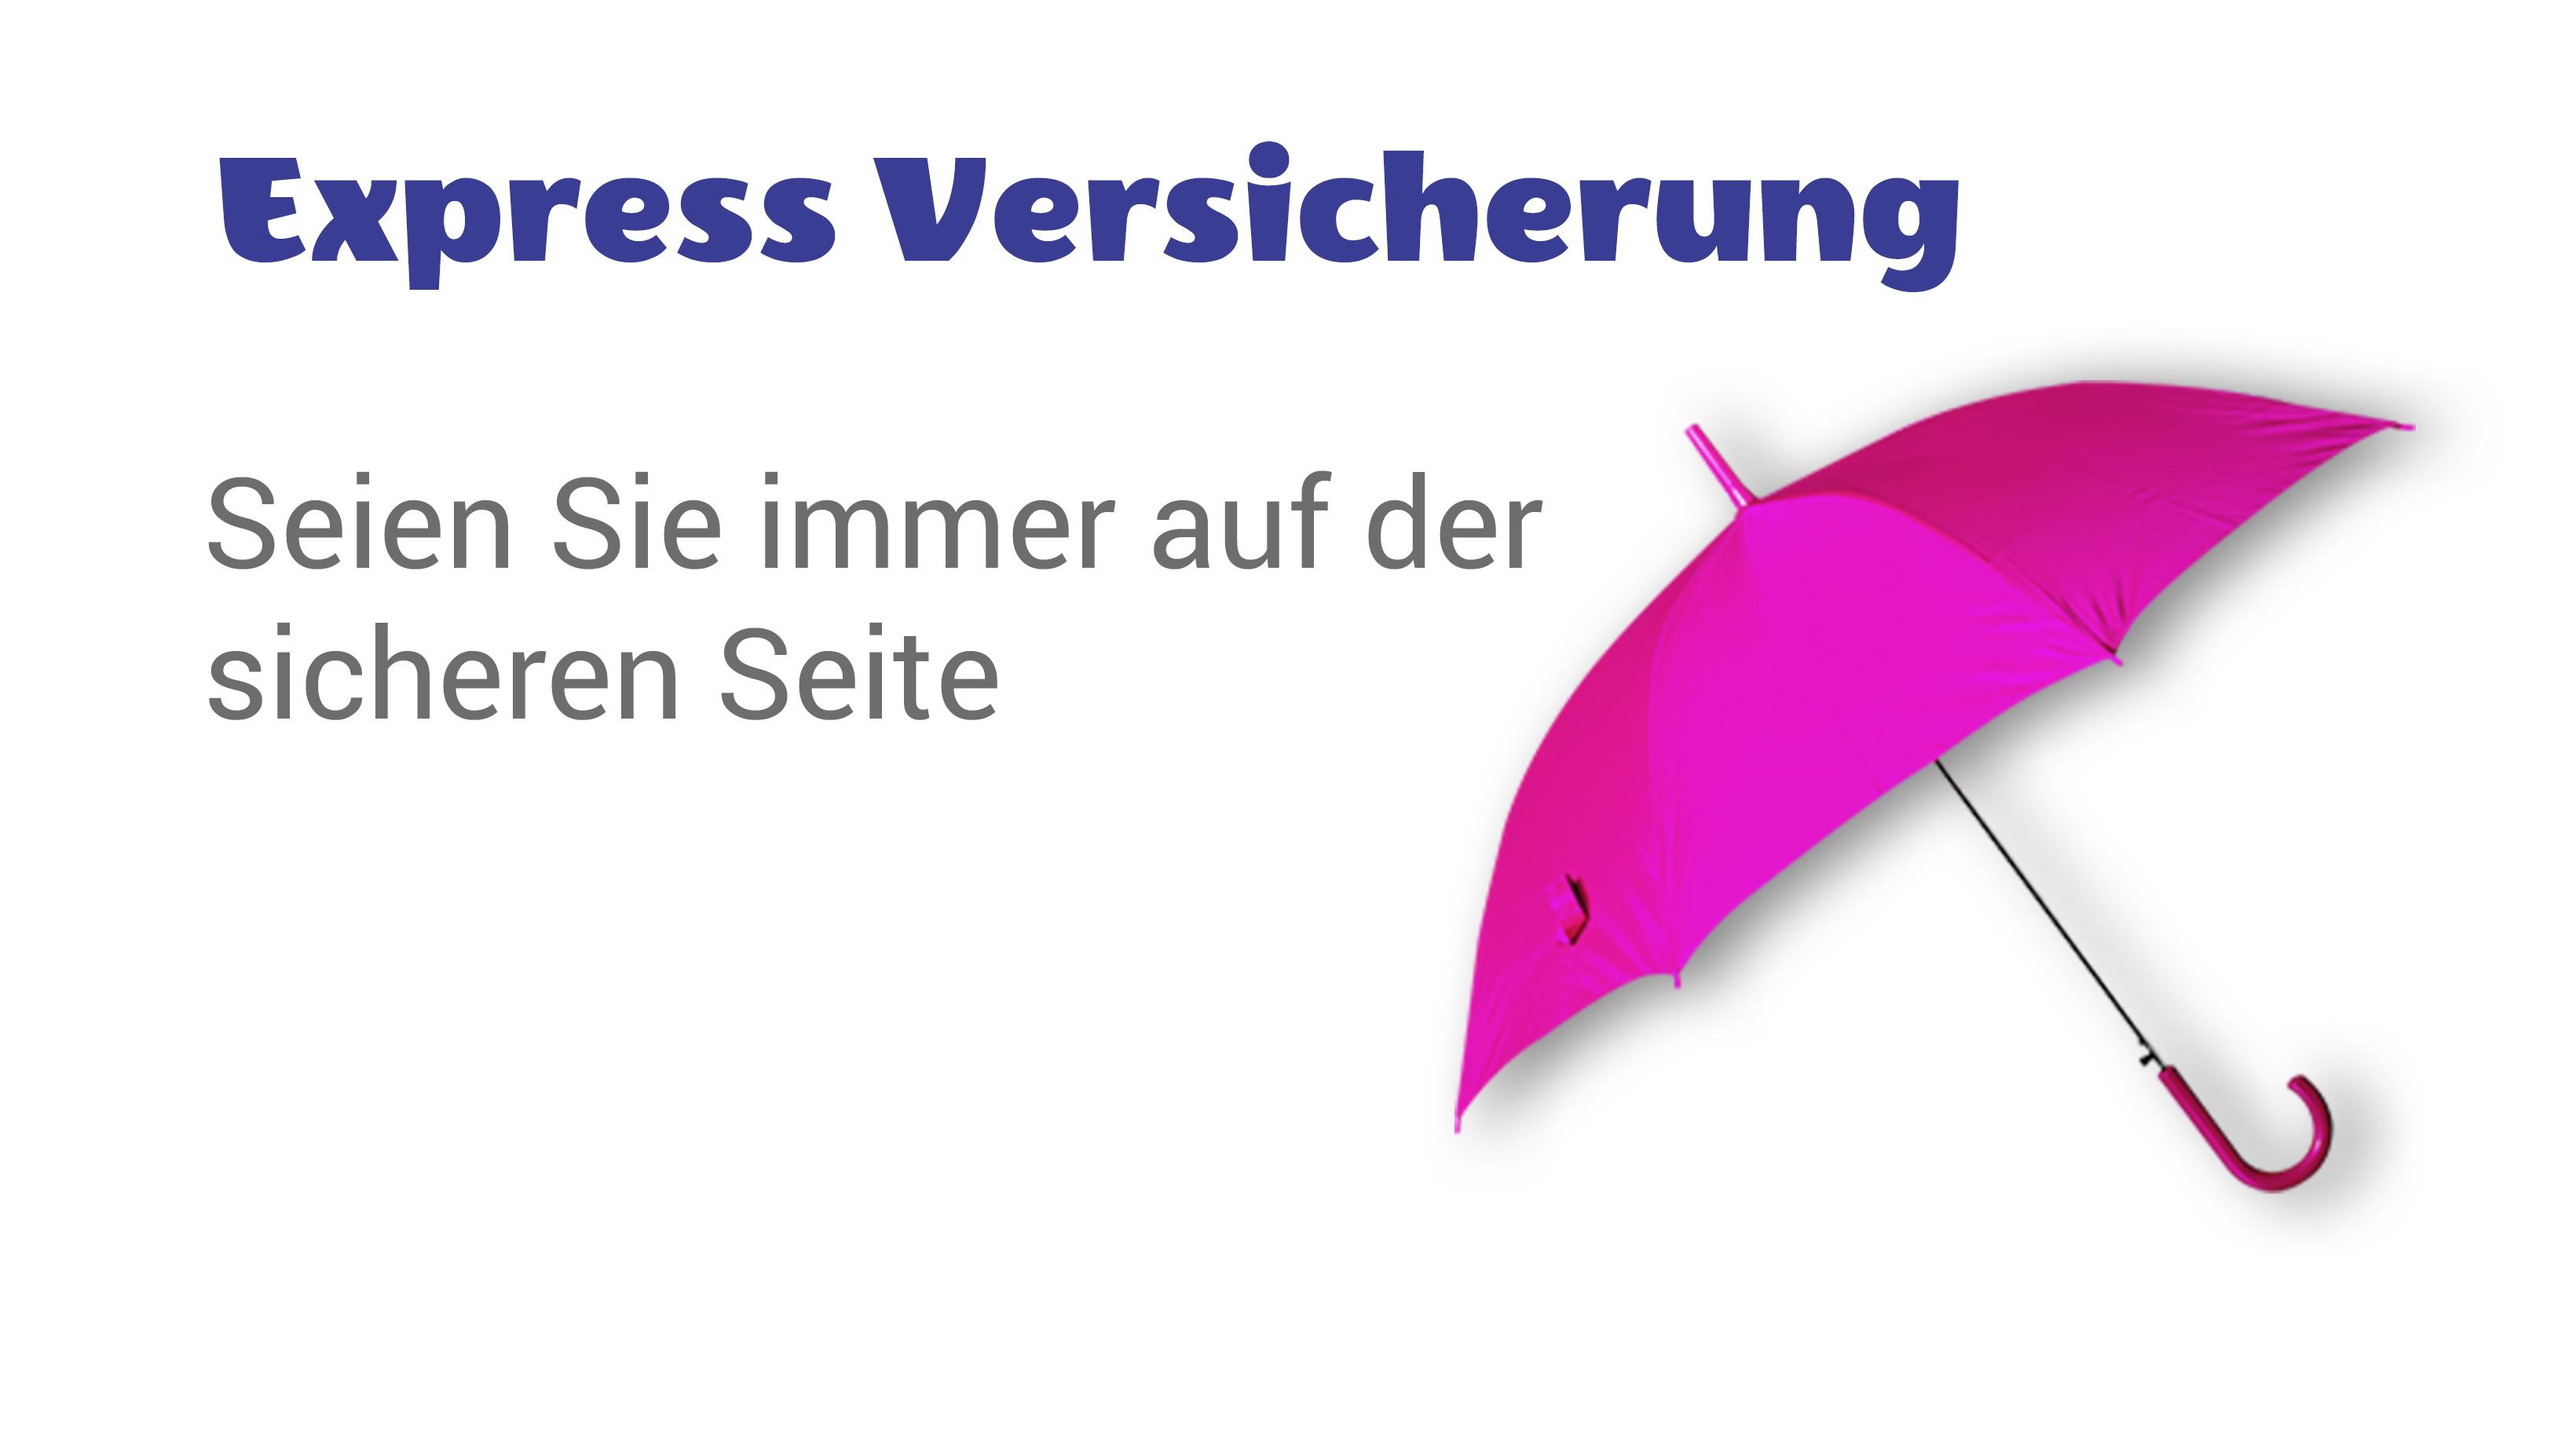 Express Versicherung